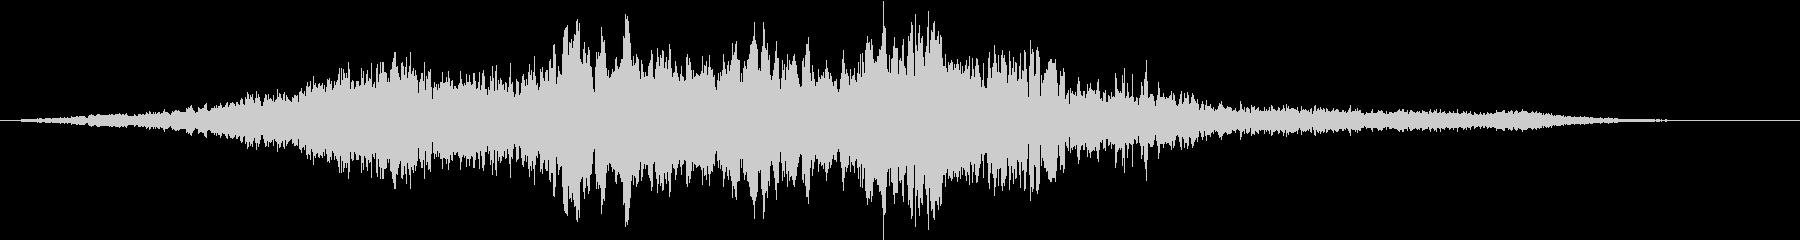 【ダーク】  Texture_02の未再生の波形